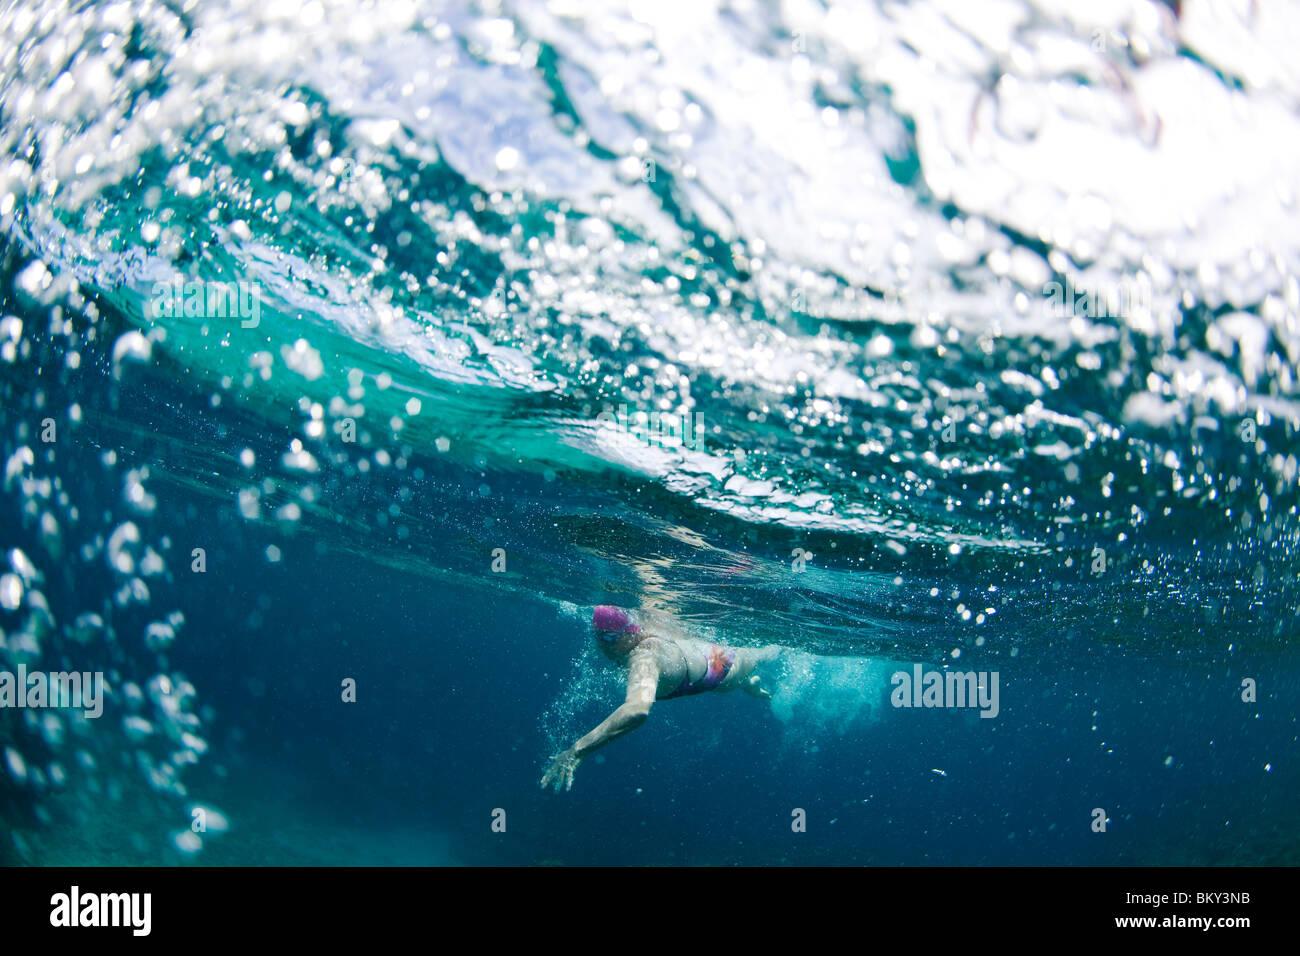 Vista subacquea di un nuotatore che gode di una rilassante nuotata in acque tropicali off delle isole Yasawas, Fiji. Immagini Stock